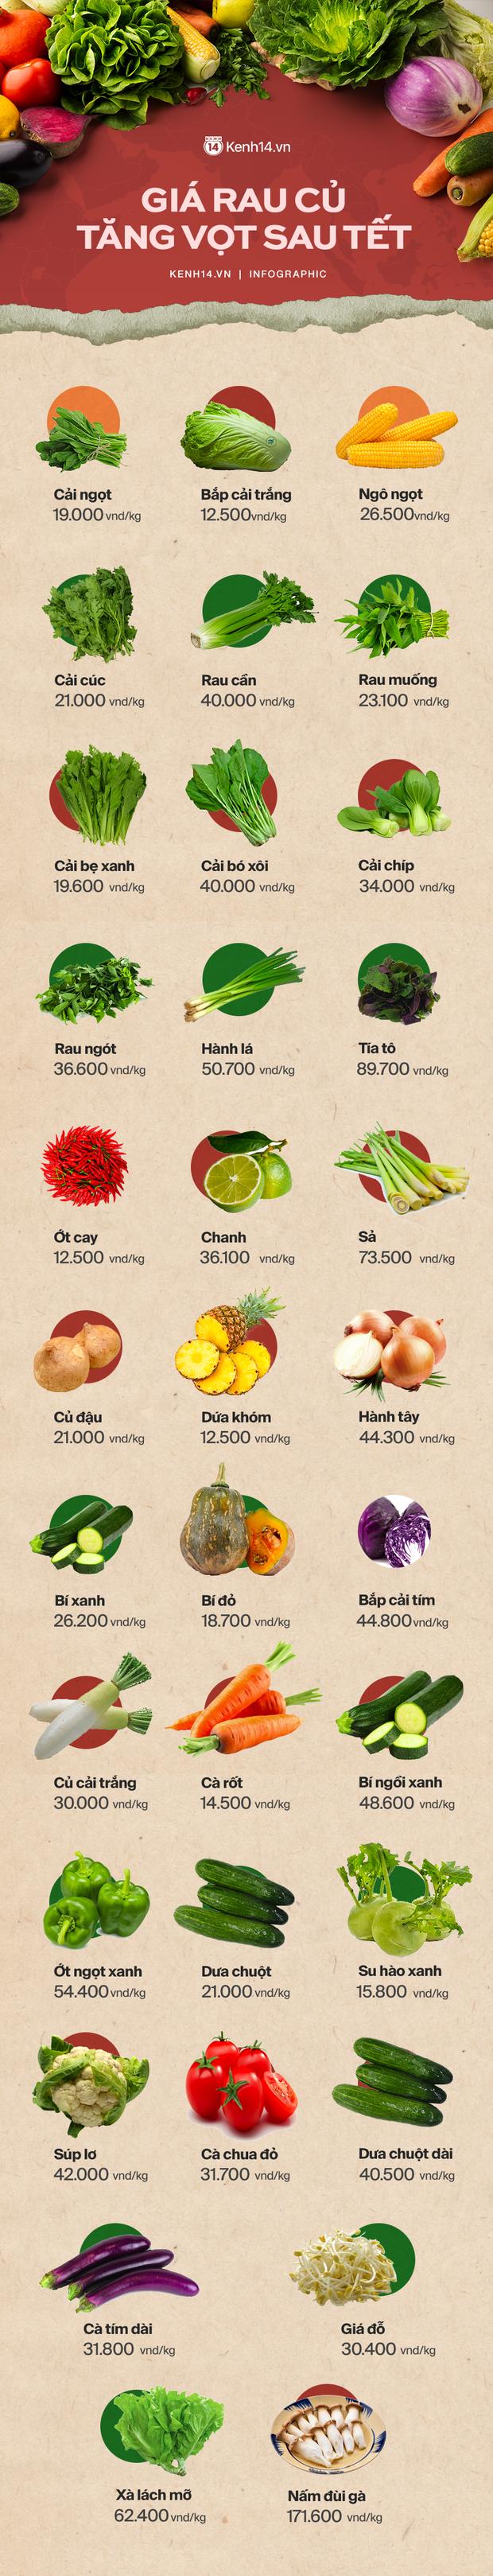 Cập nhật giá rau tăng vọt sau Tết, người Hà Nội đổ xô đi mua thực phẩm dự trữ giữa nạn dịch virus Corona - Ảnh 15.